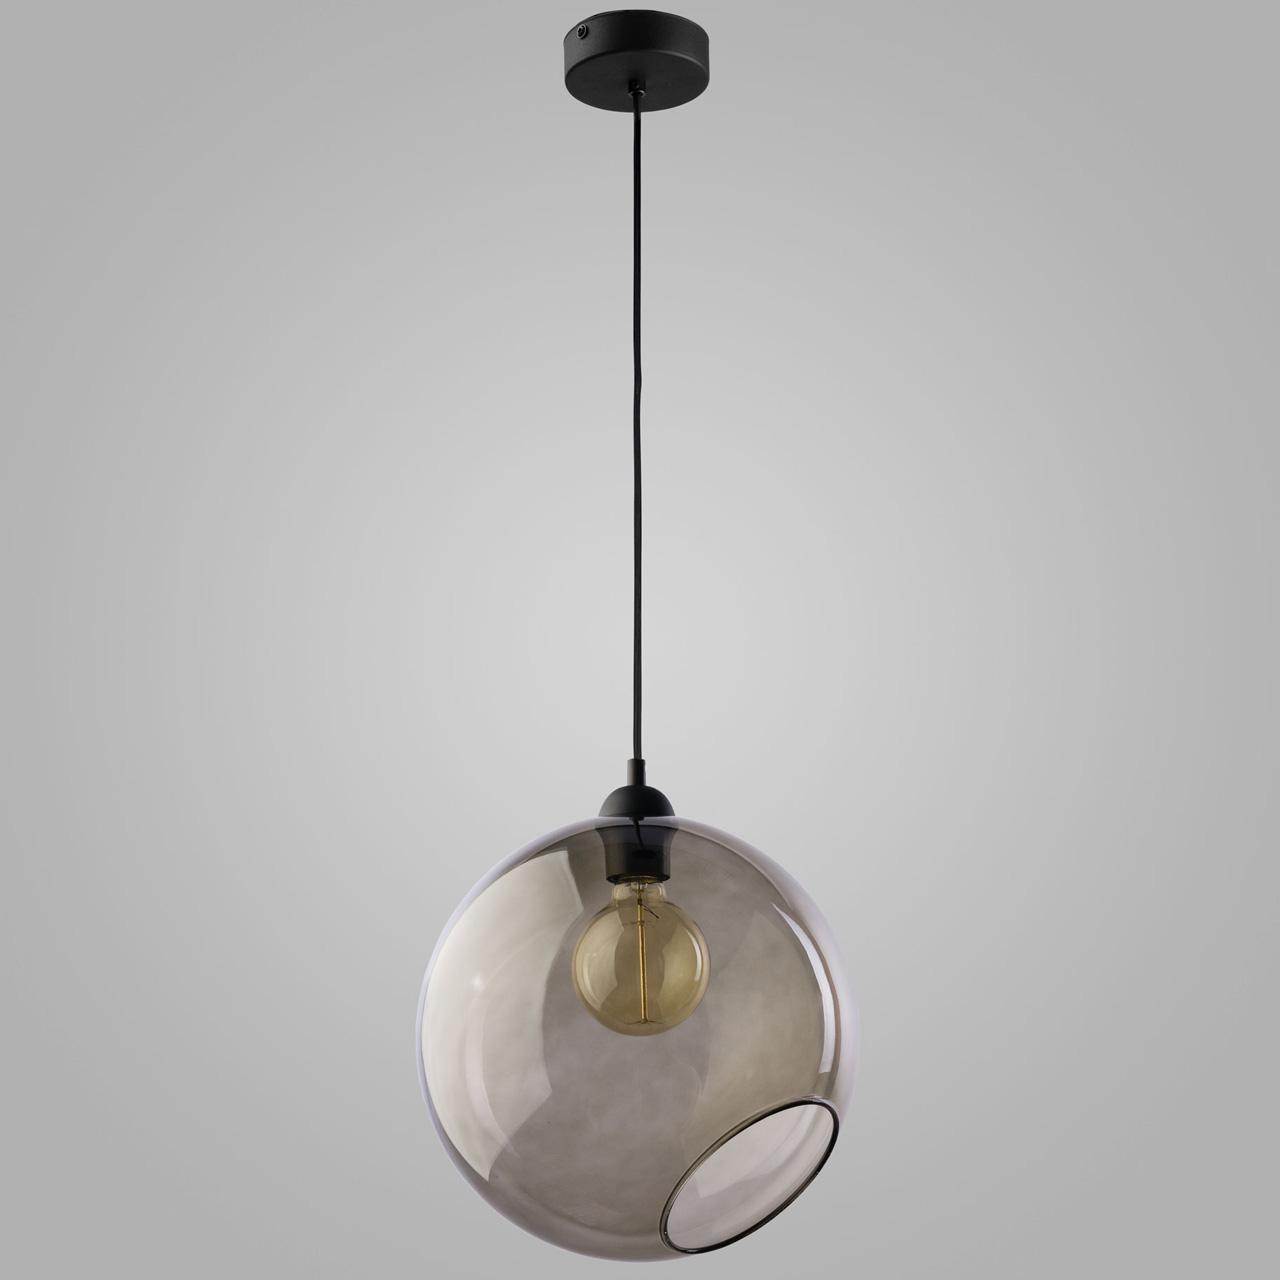 Подвесной светильник TK Lighting Pobo 1933 Pobo 1 бра tk lighting 1972 pobo